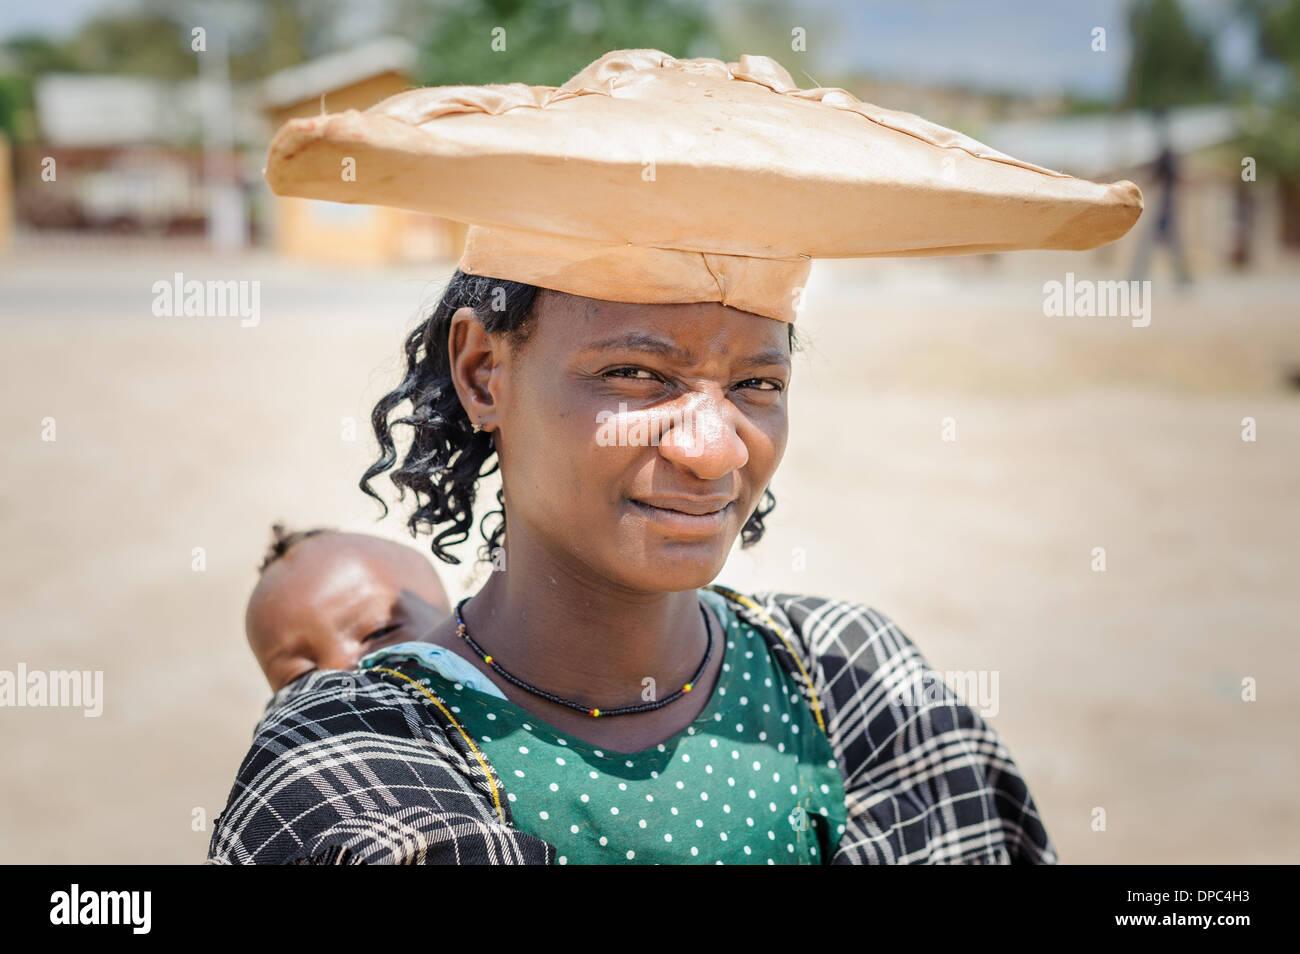 Herero woman with child, Kunene region, Namibia, Africa. - Stock Image